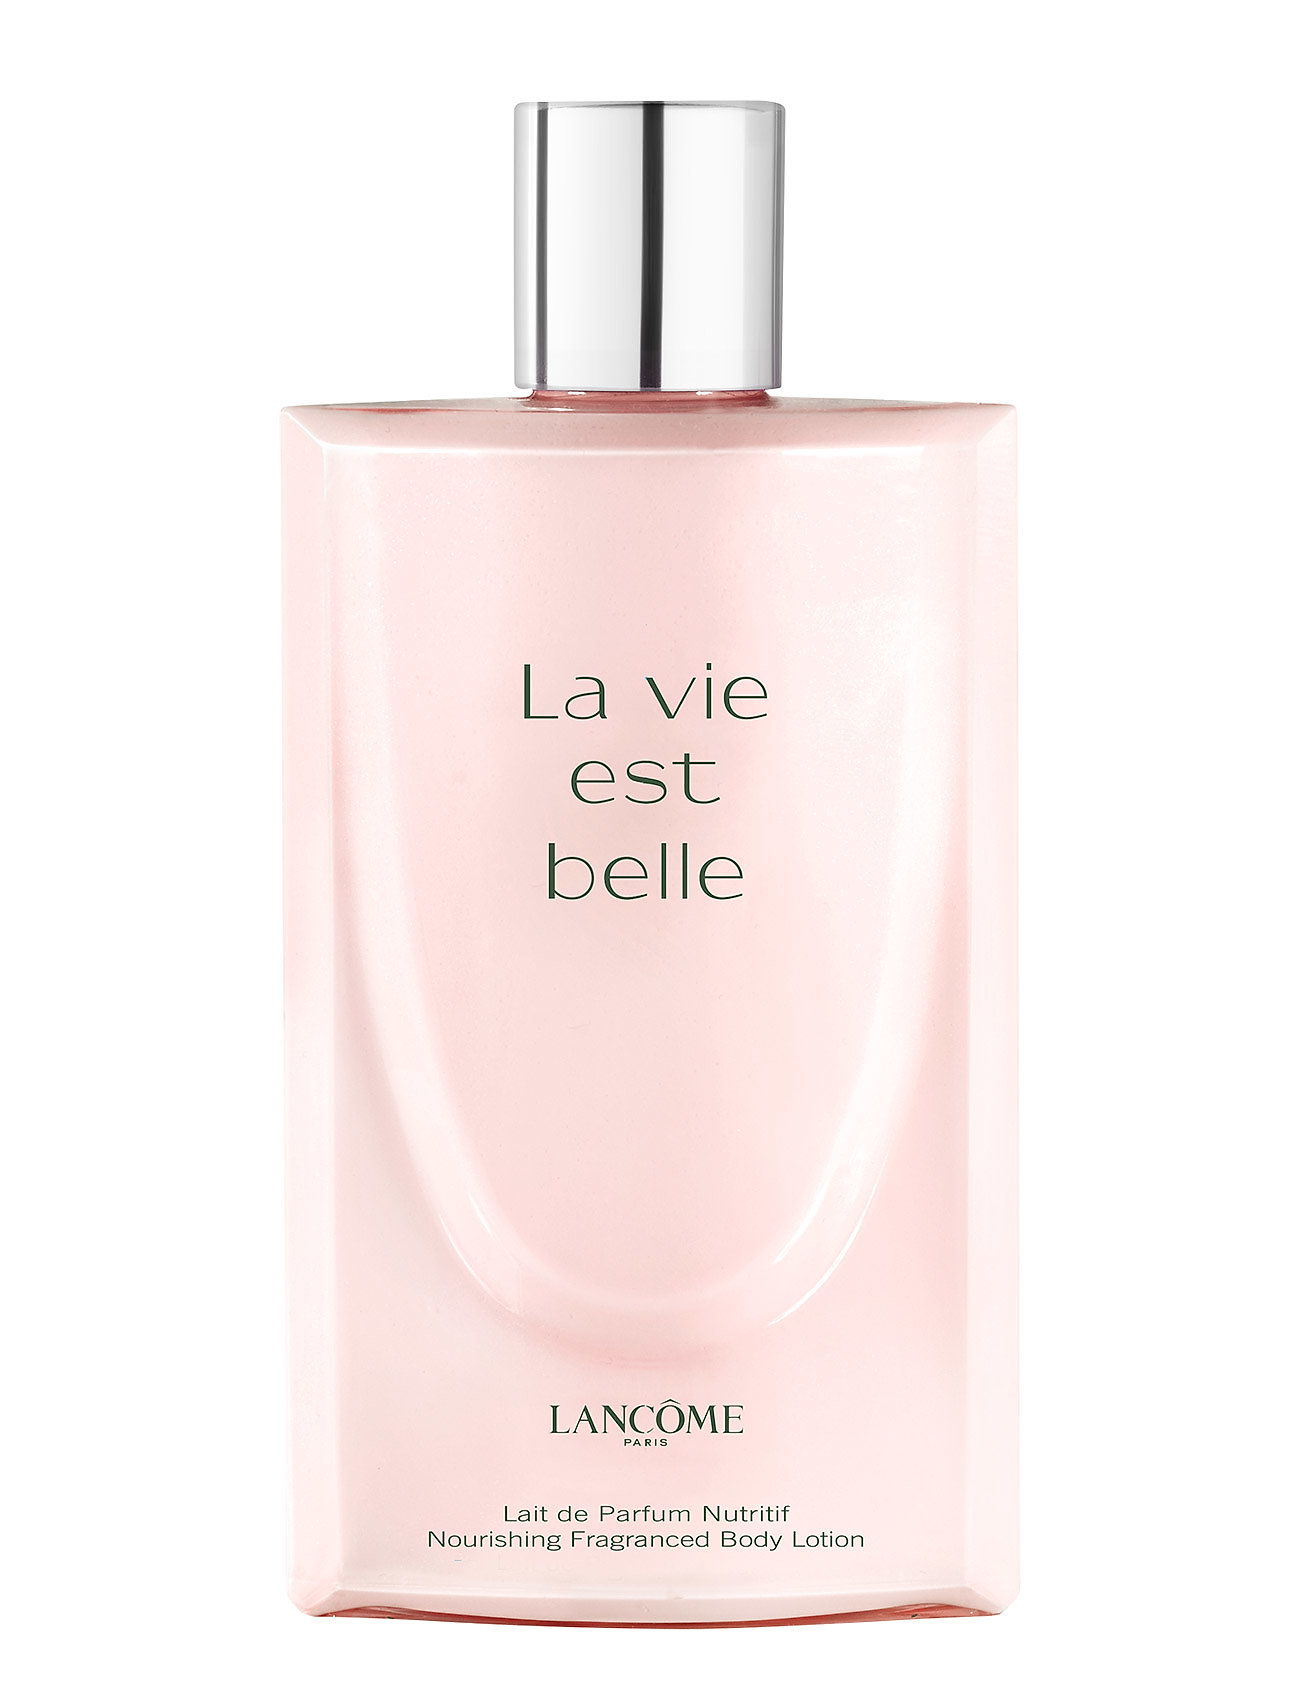 La vie est belle body lotion 200 ml fra lancã´me på boozt.com dk